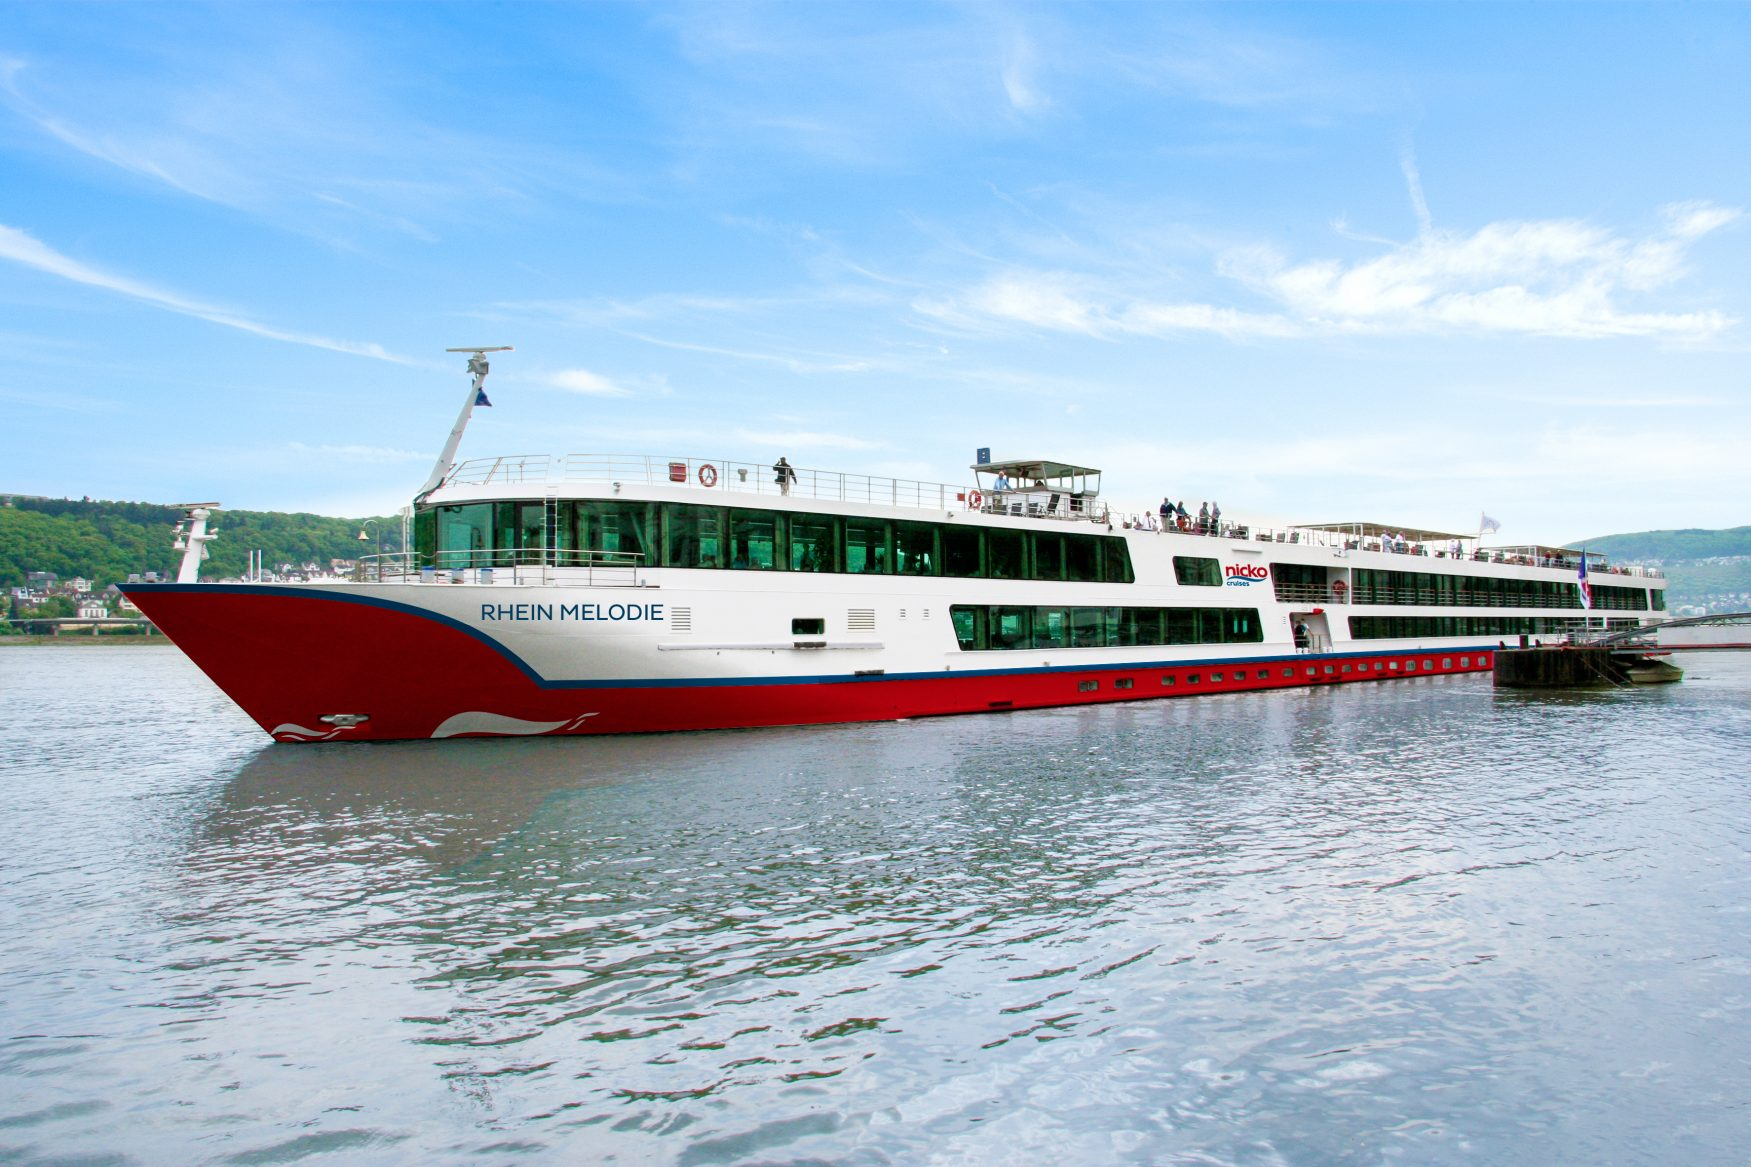 Der Kreuzfahrer auf dem Rhein: RHEIN MELODIE Foto: nicko cruises